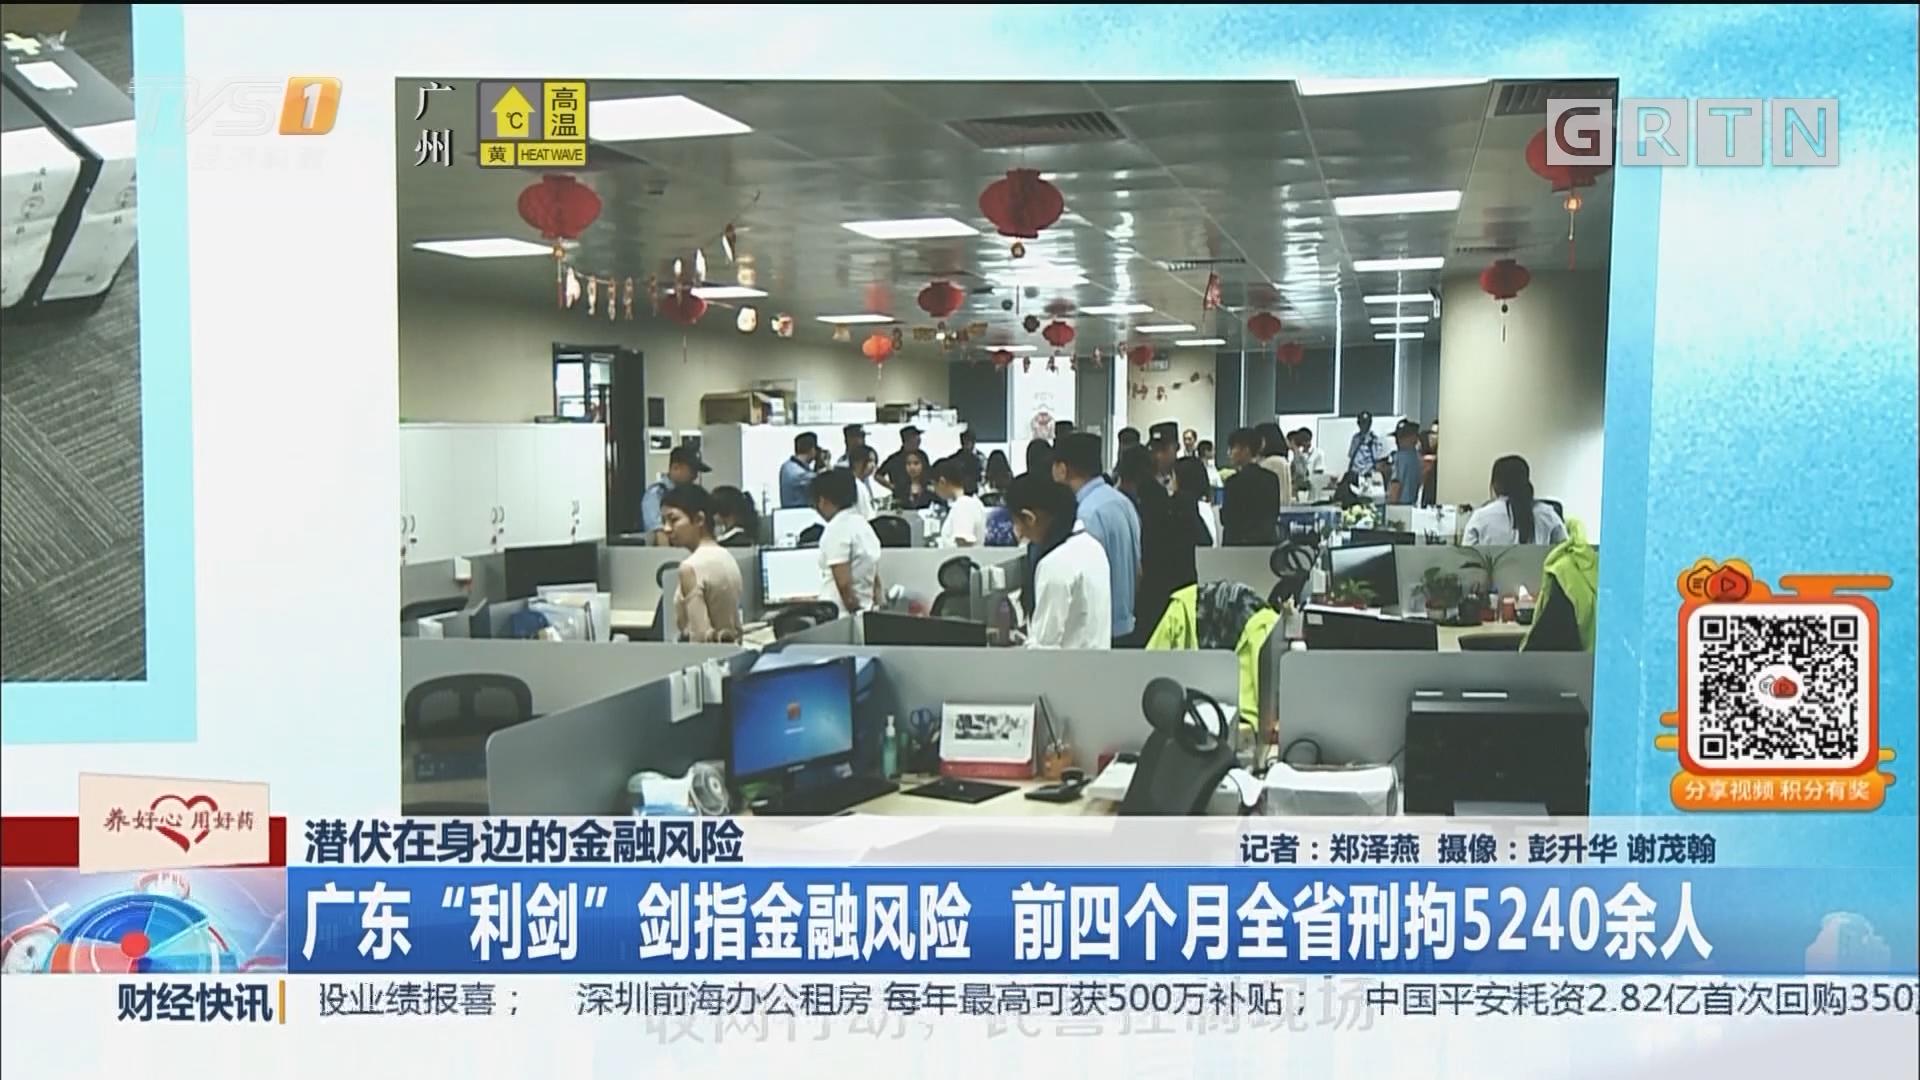 """潜伏在身边的金融风险:广东""""利剑""""剑指金融风险 前四个月全省刑拘5240余人"""